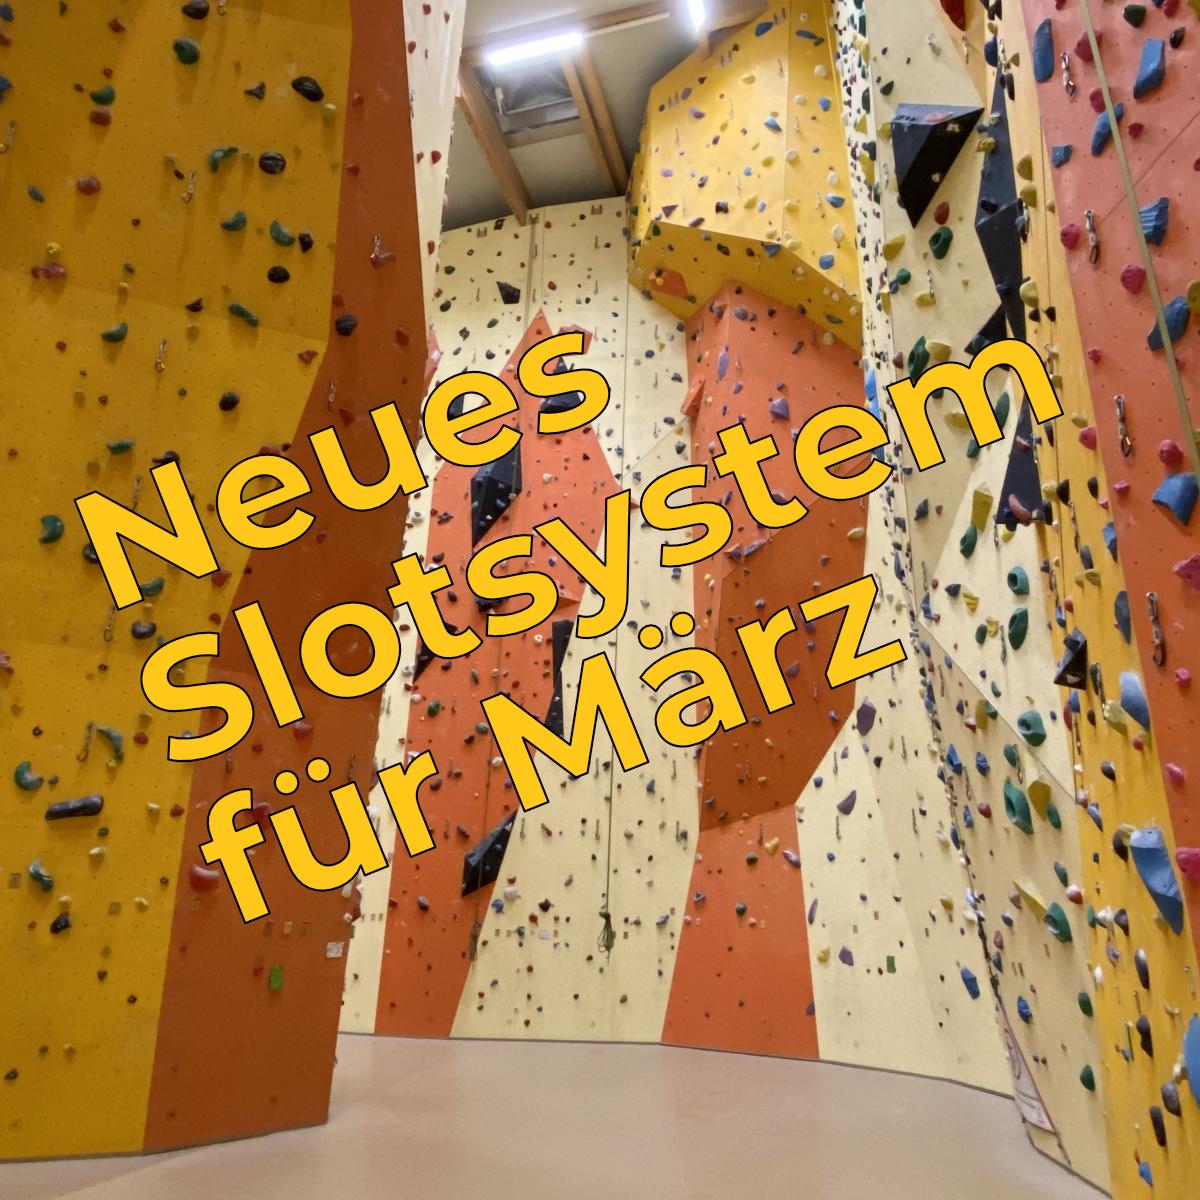 Kletterslot für März